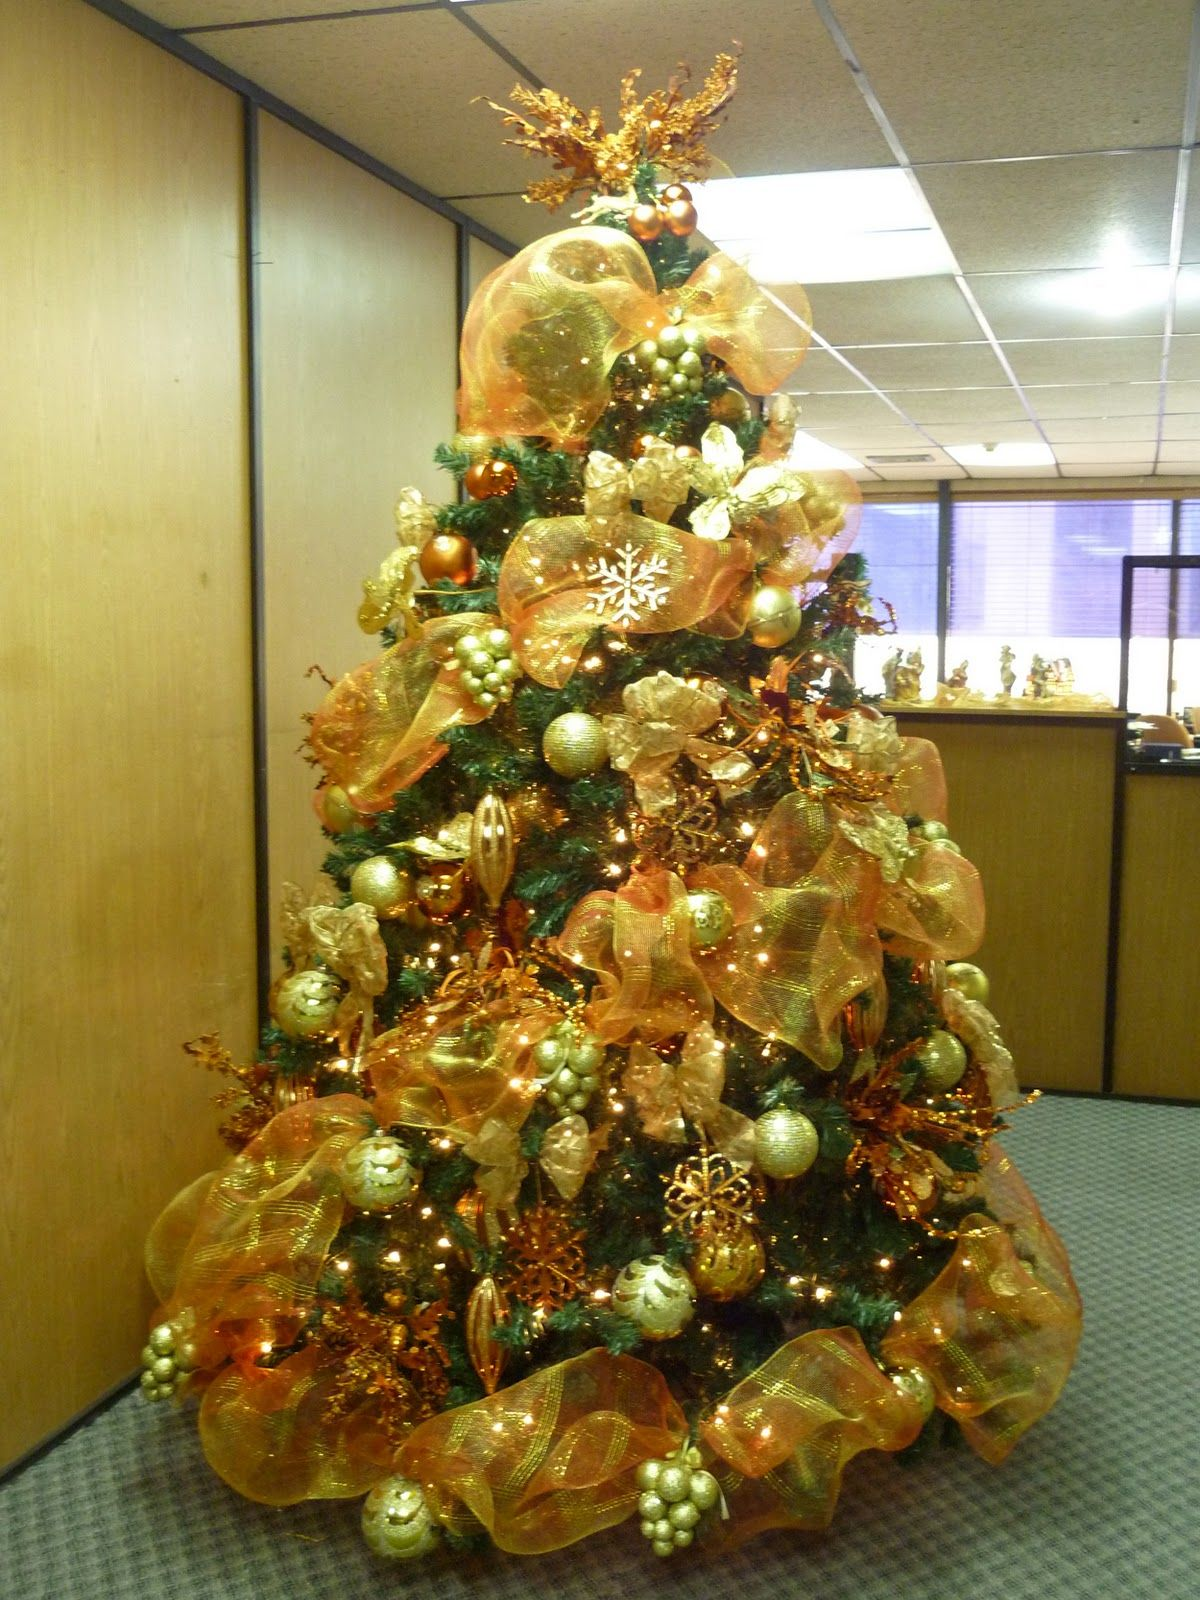 Arbol de navidad con decoraci n en tonos dorados - Decoracion arbol navidad ...